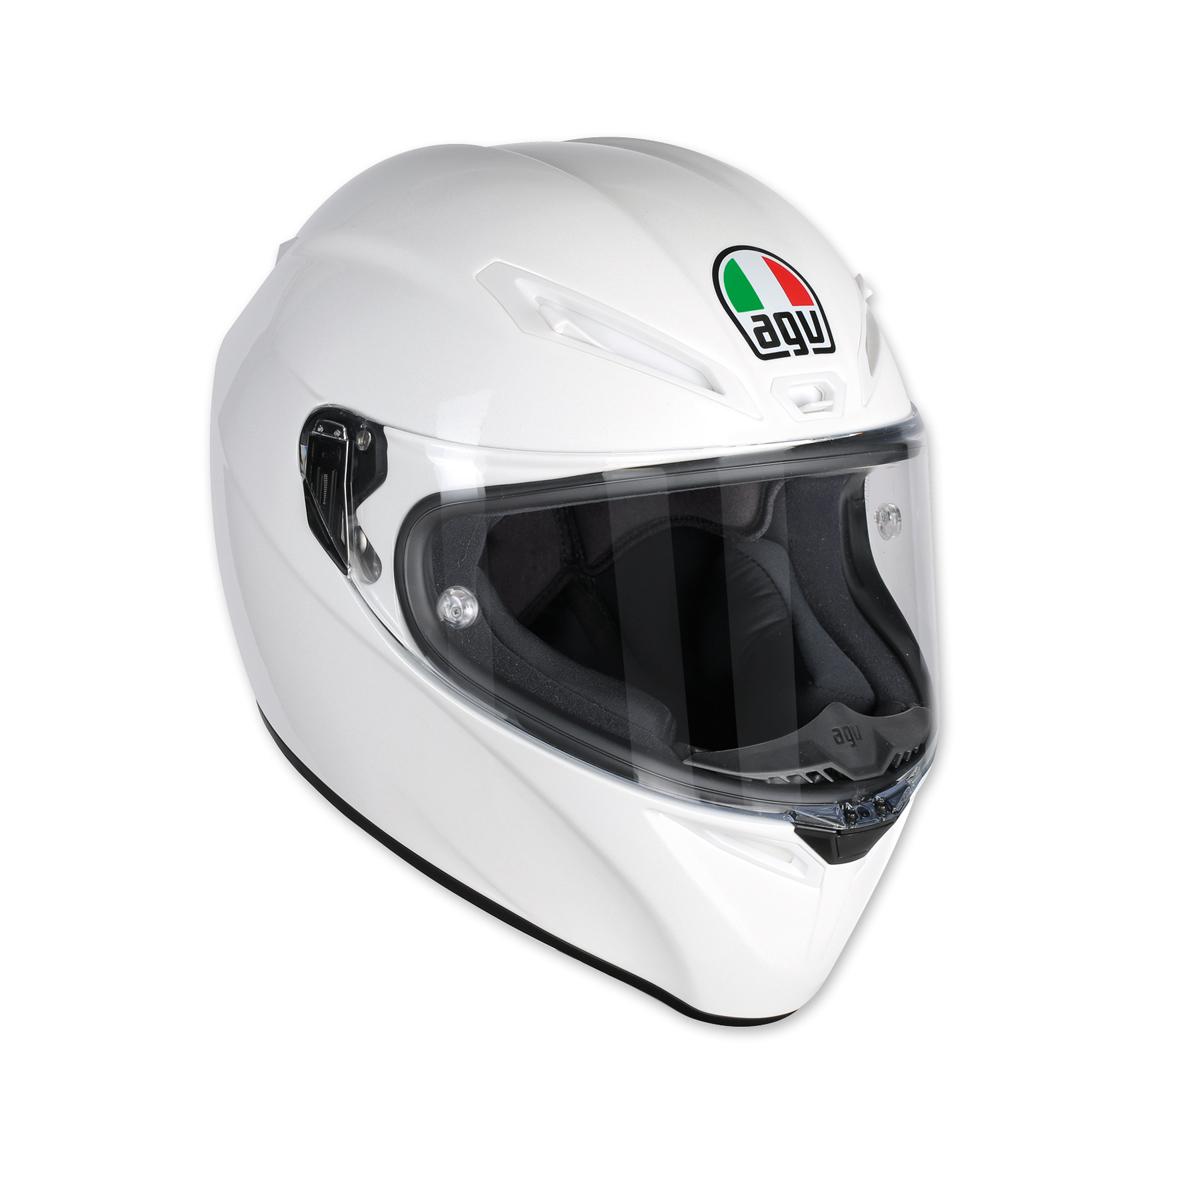 AGV Veolce S Pearl White Full Face Helmet